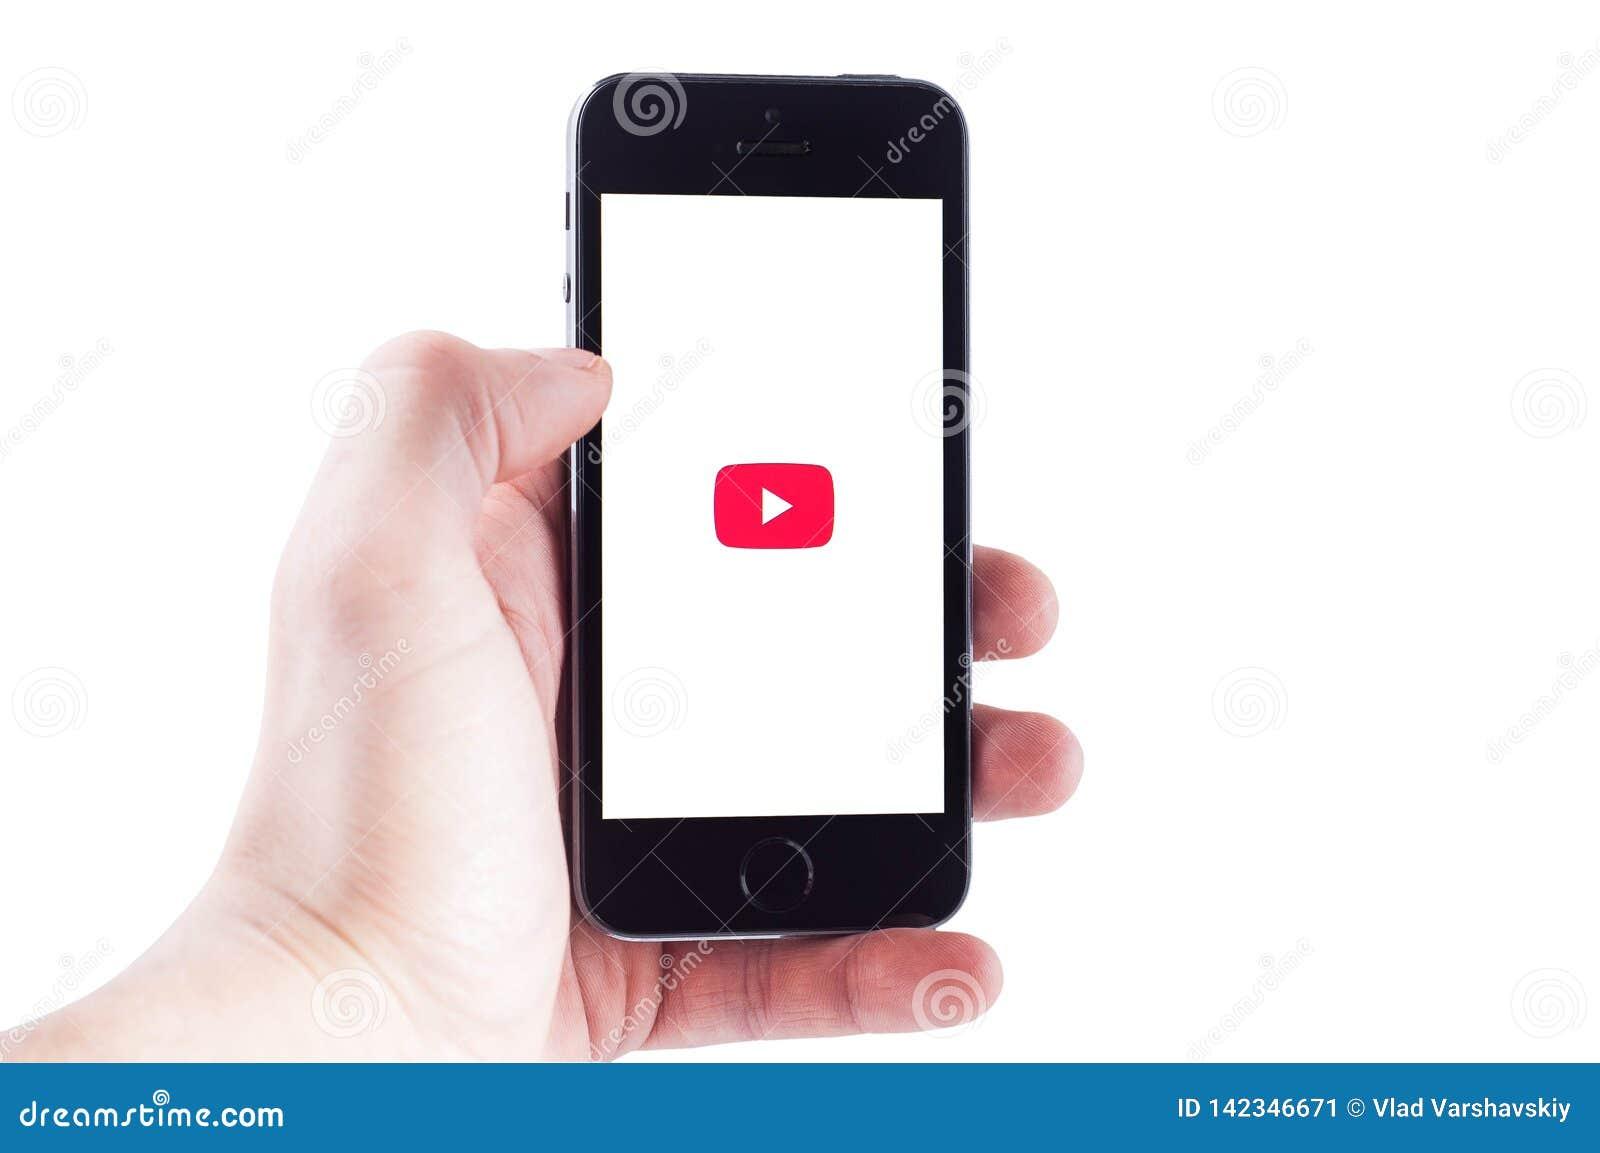 Κίεβο, Ουκρανία - 27 Φεβρουαρίου 2019: Μεταφορτώστε την κινητή εφαρμογή YouTube στο smartphone, εικονίδιο